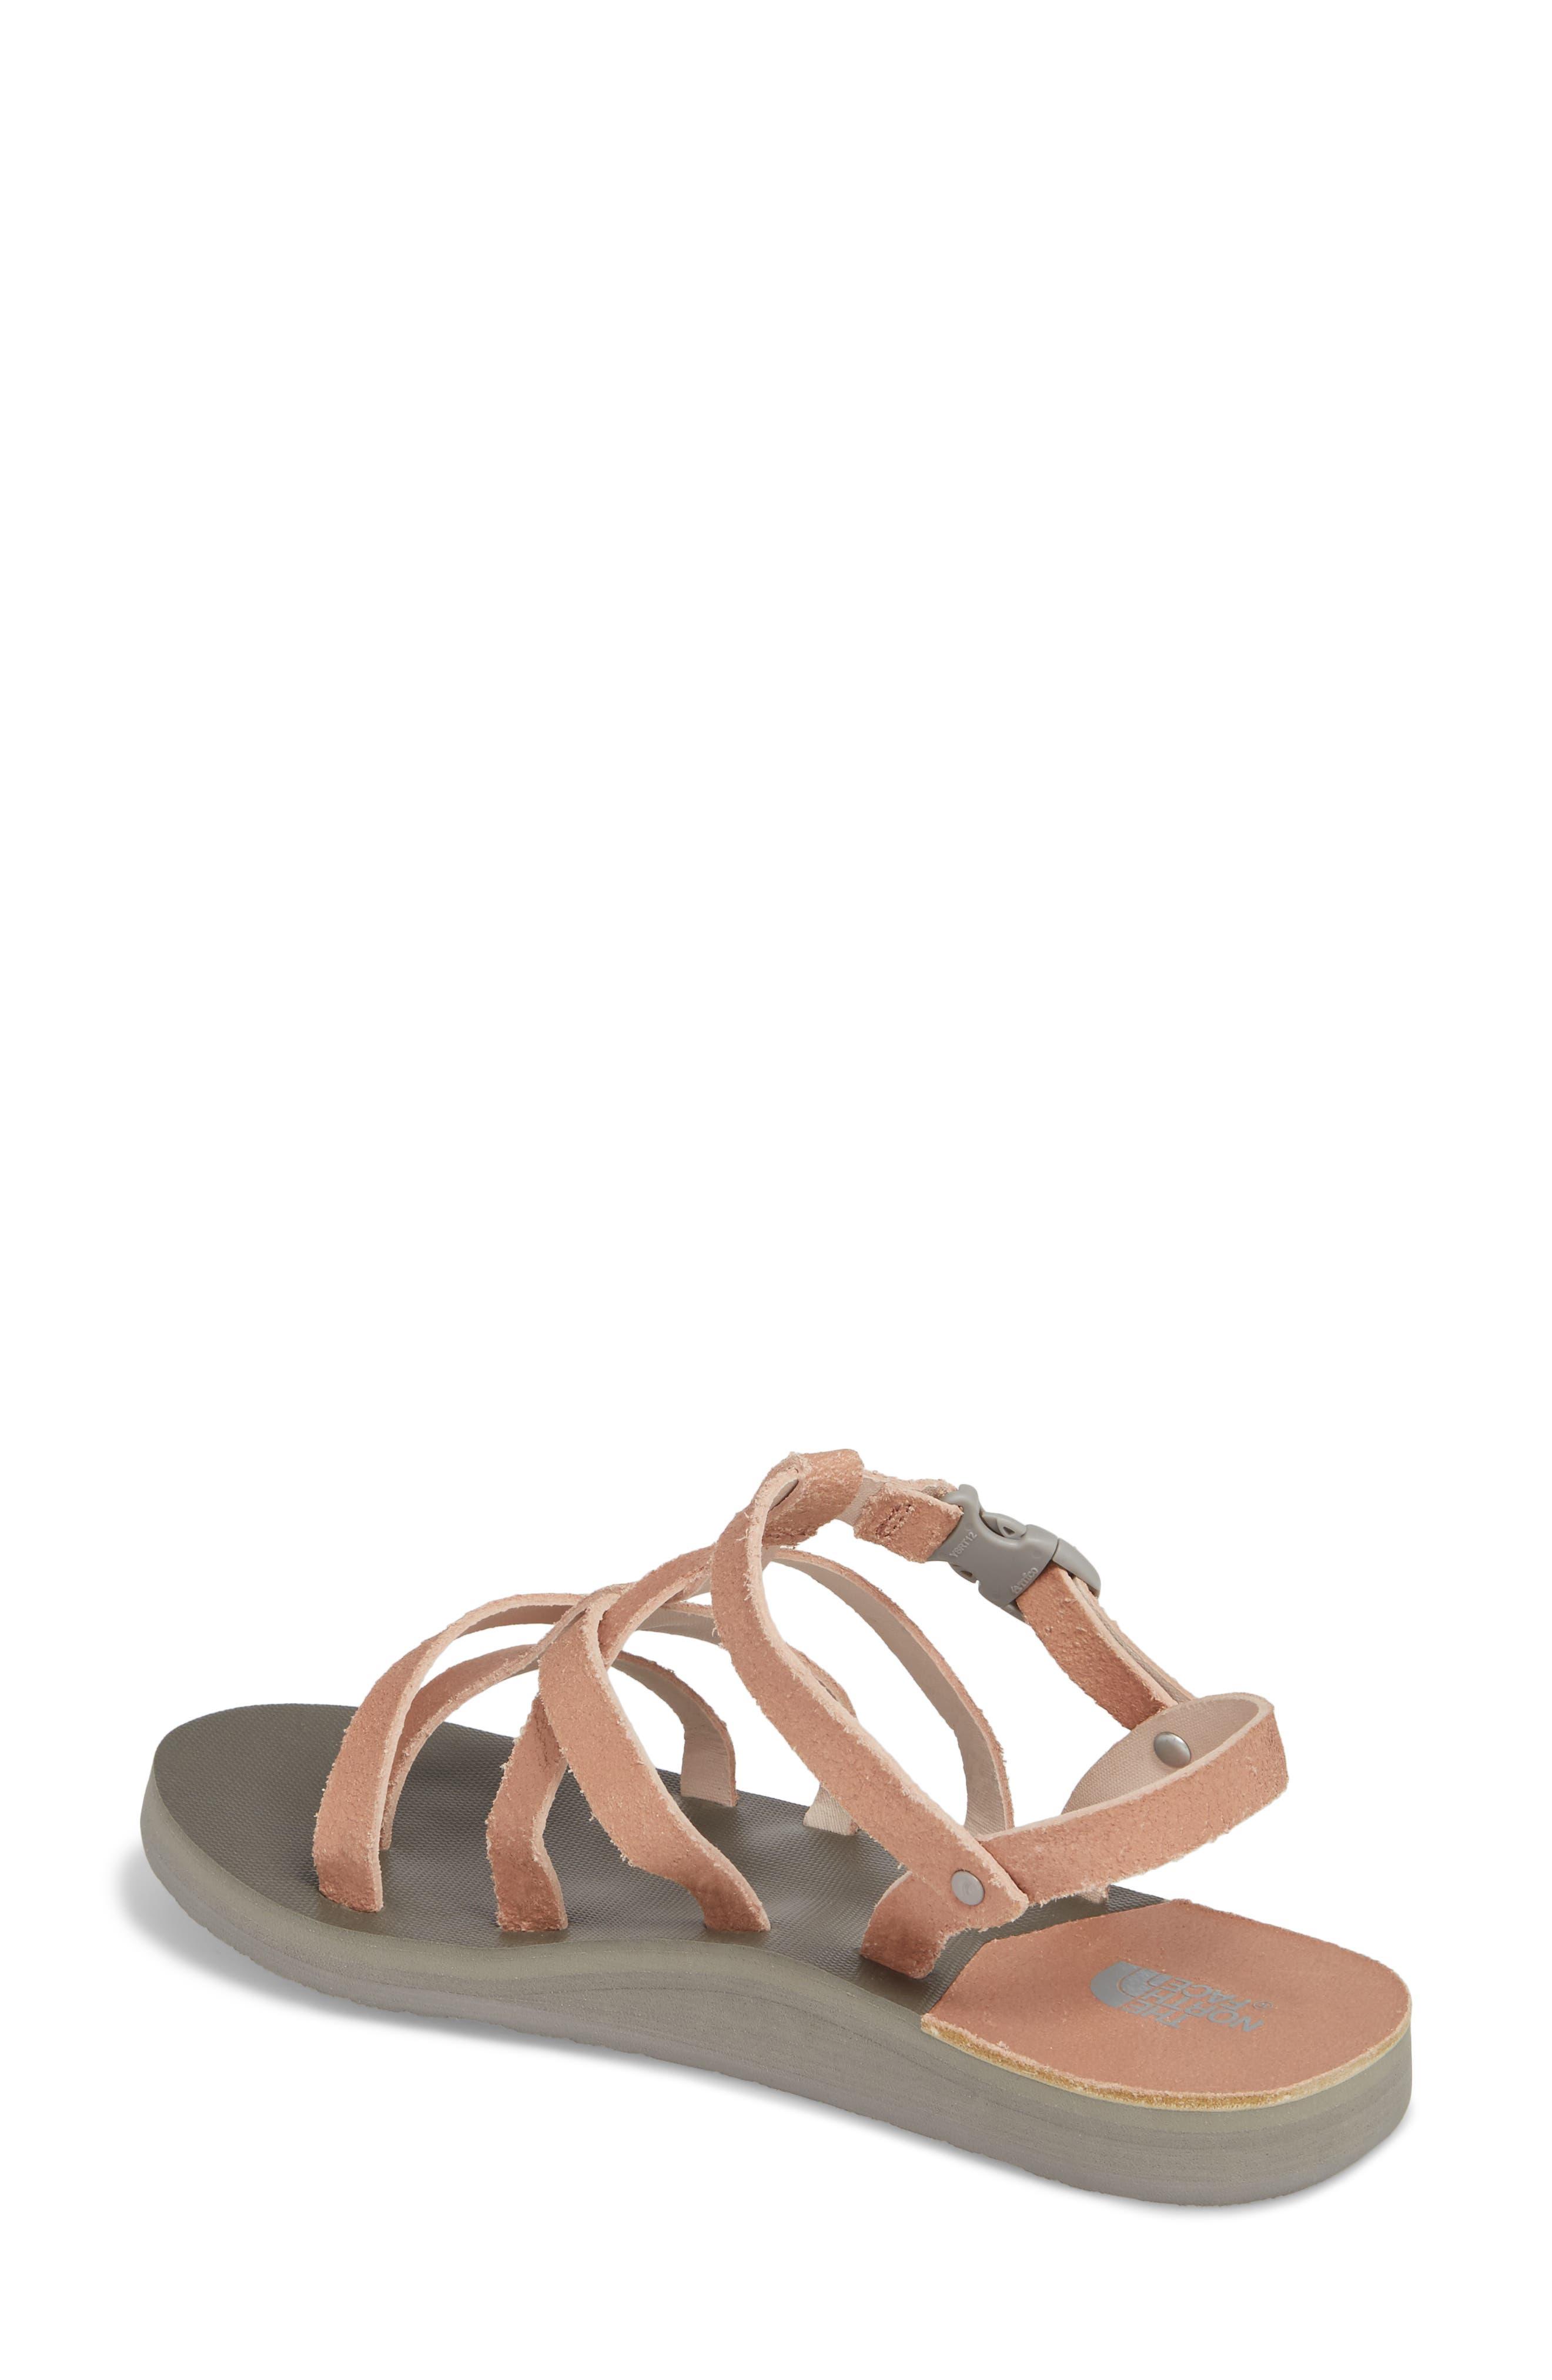 Base Camp Plus II Gladiator Sandal,                             Alternate thumbnail 2, color,                             Evening Sand Pink/ Foil Grey